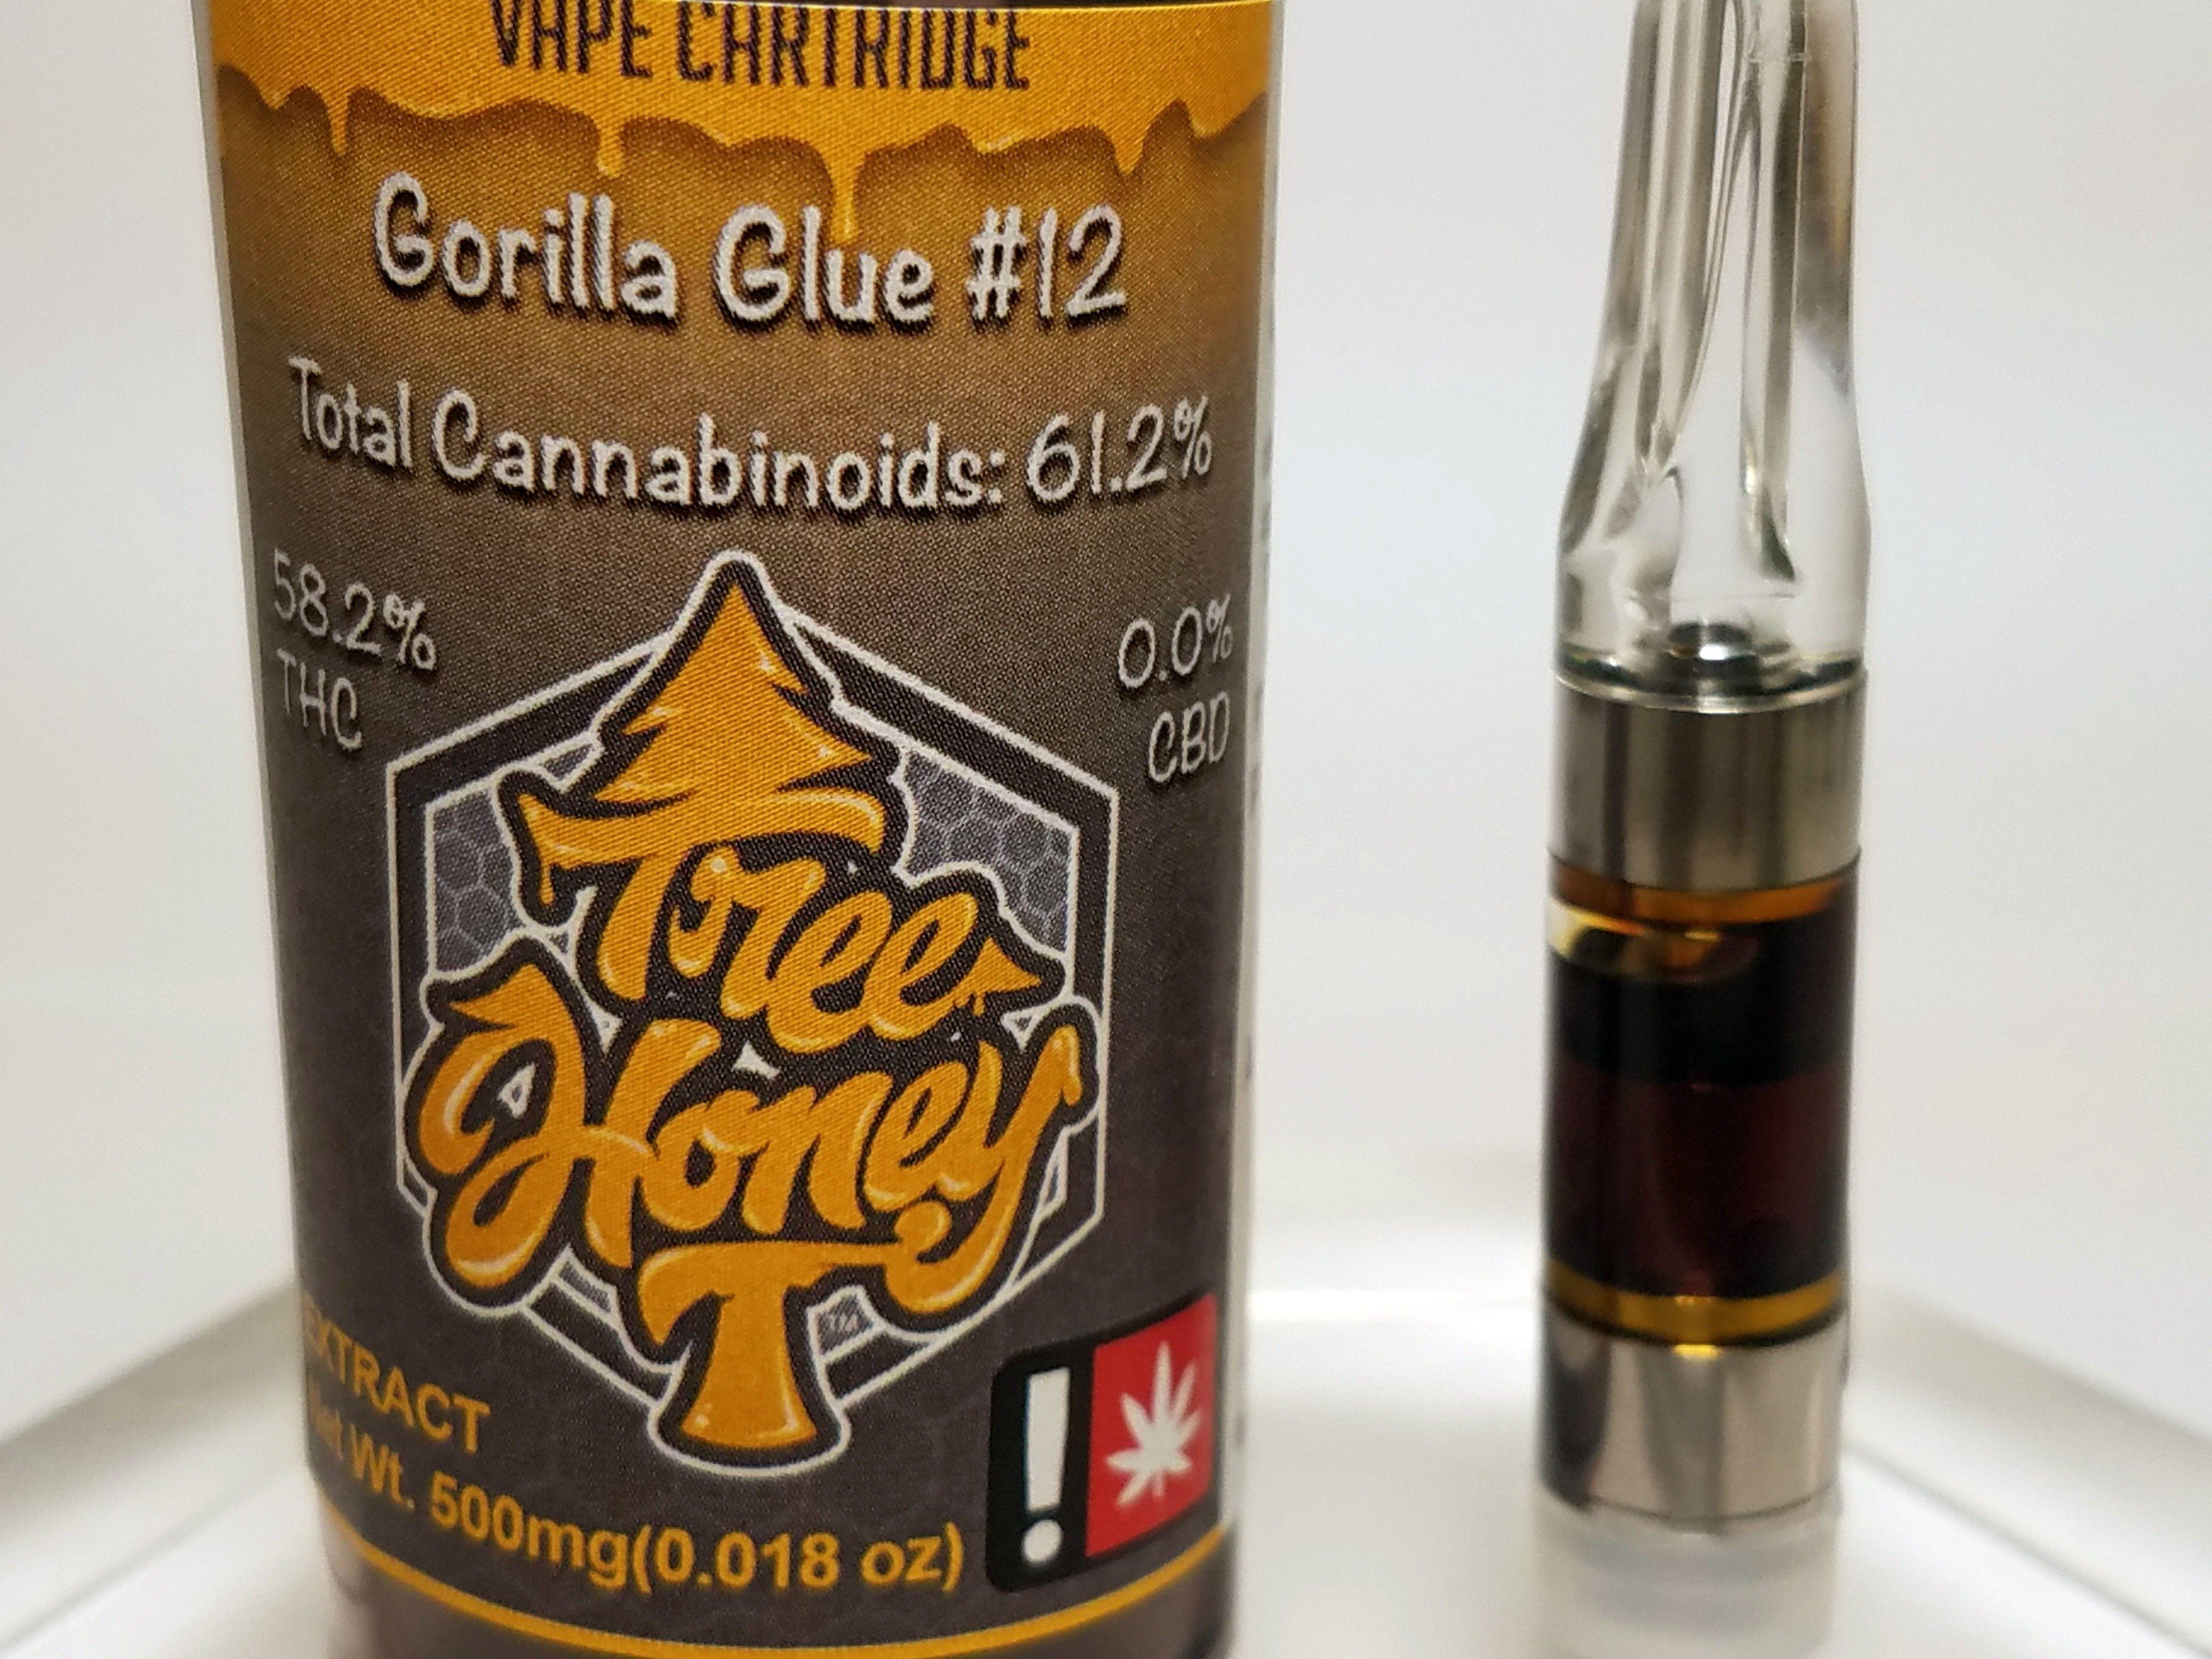 Tree Honey - GG #12, Hybrid, CO2 Cart